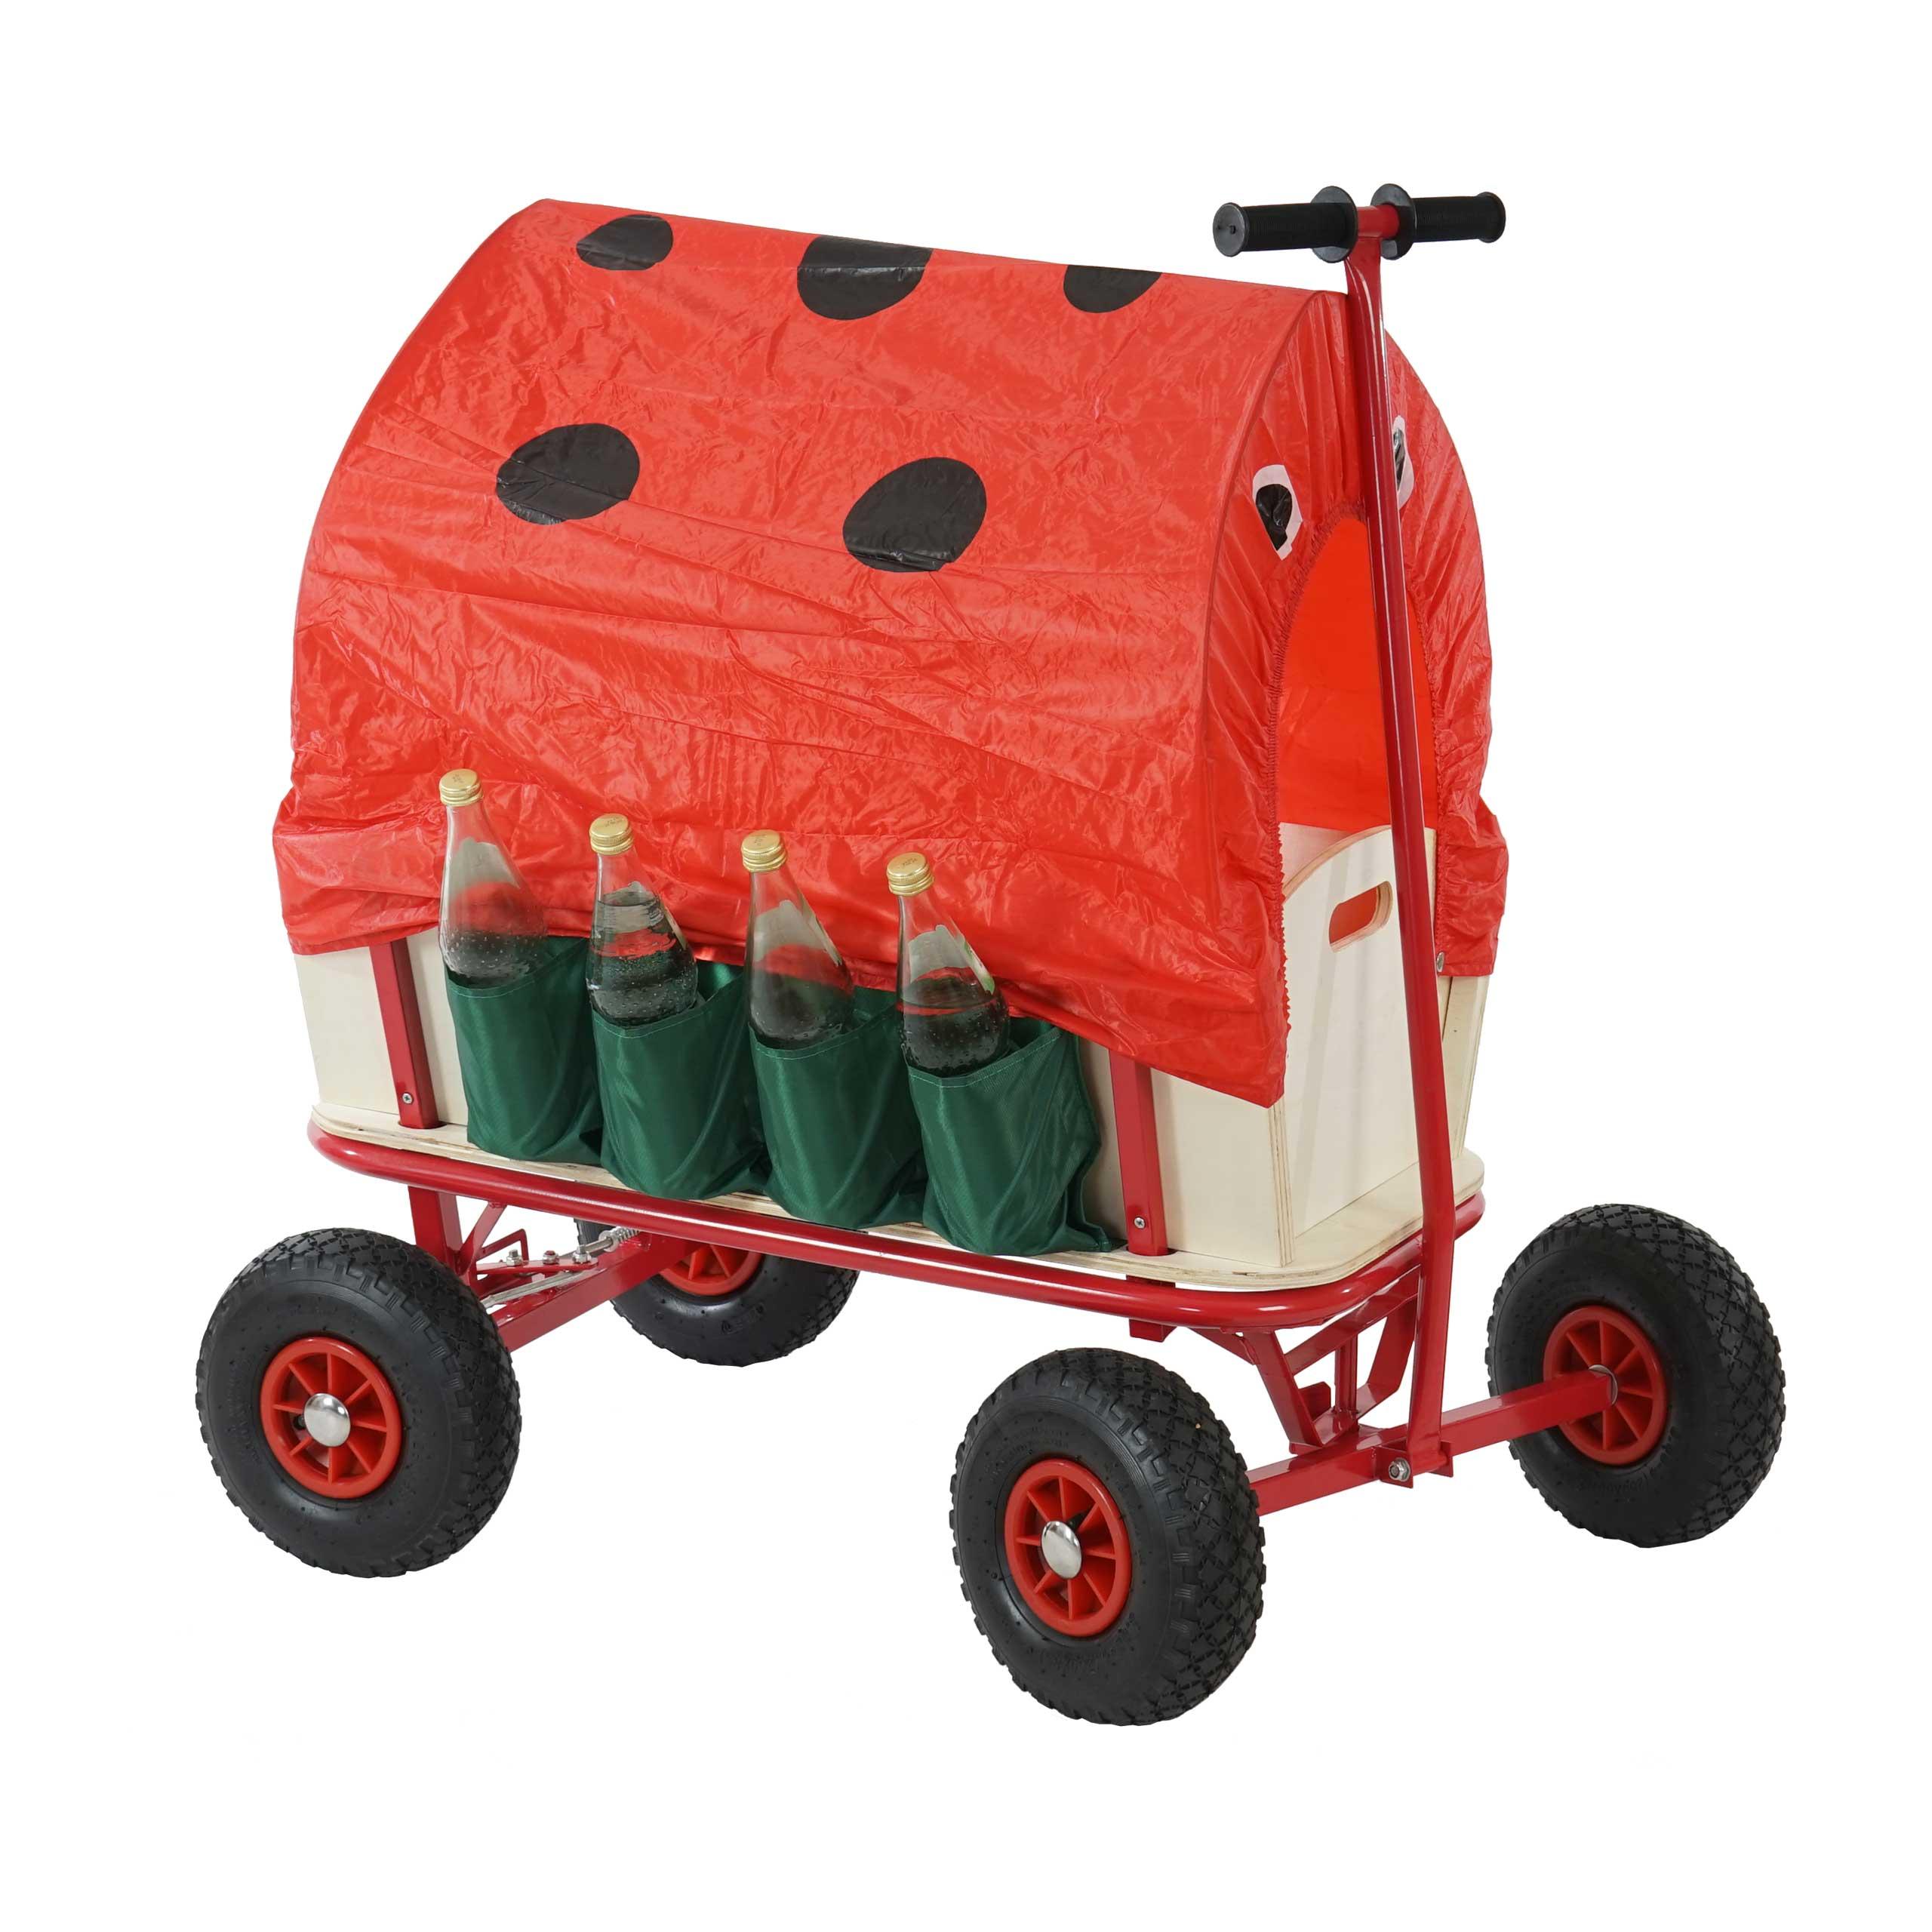 bollerwagen mit flaschenhalter handwagen leiterwagen opt mit bremse sitz dach. Black Bedroom Furniture Sets. Home Design Ideas